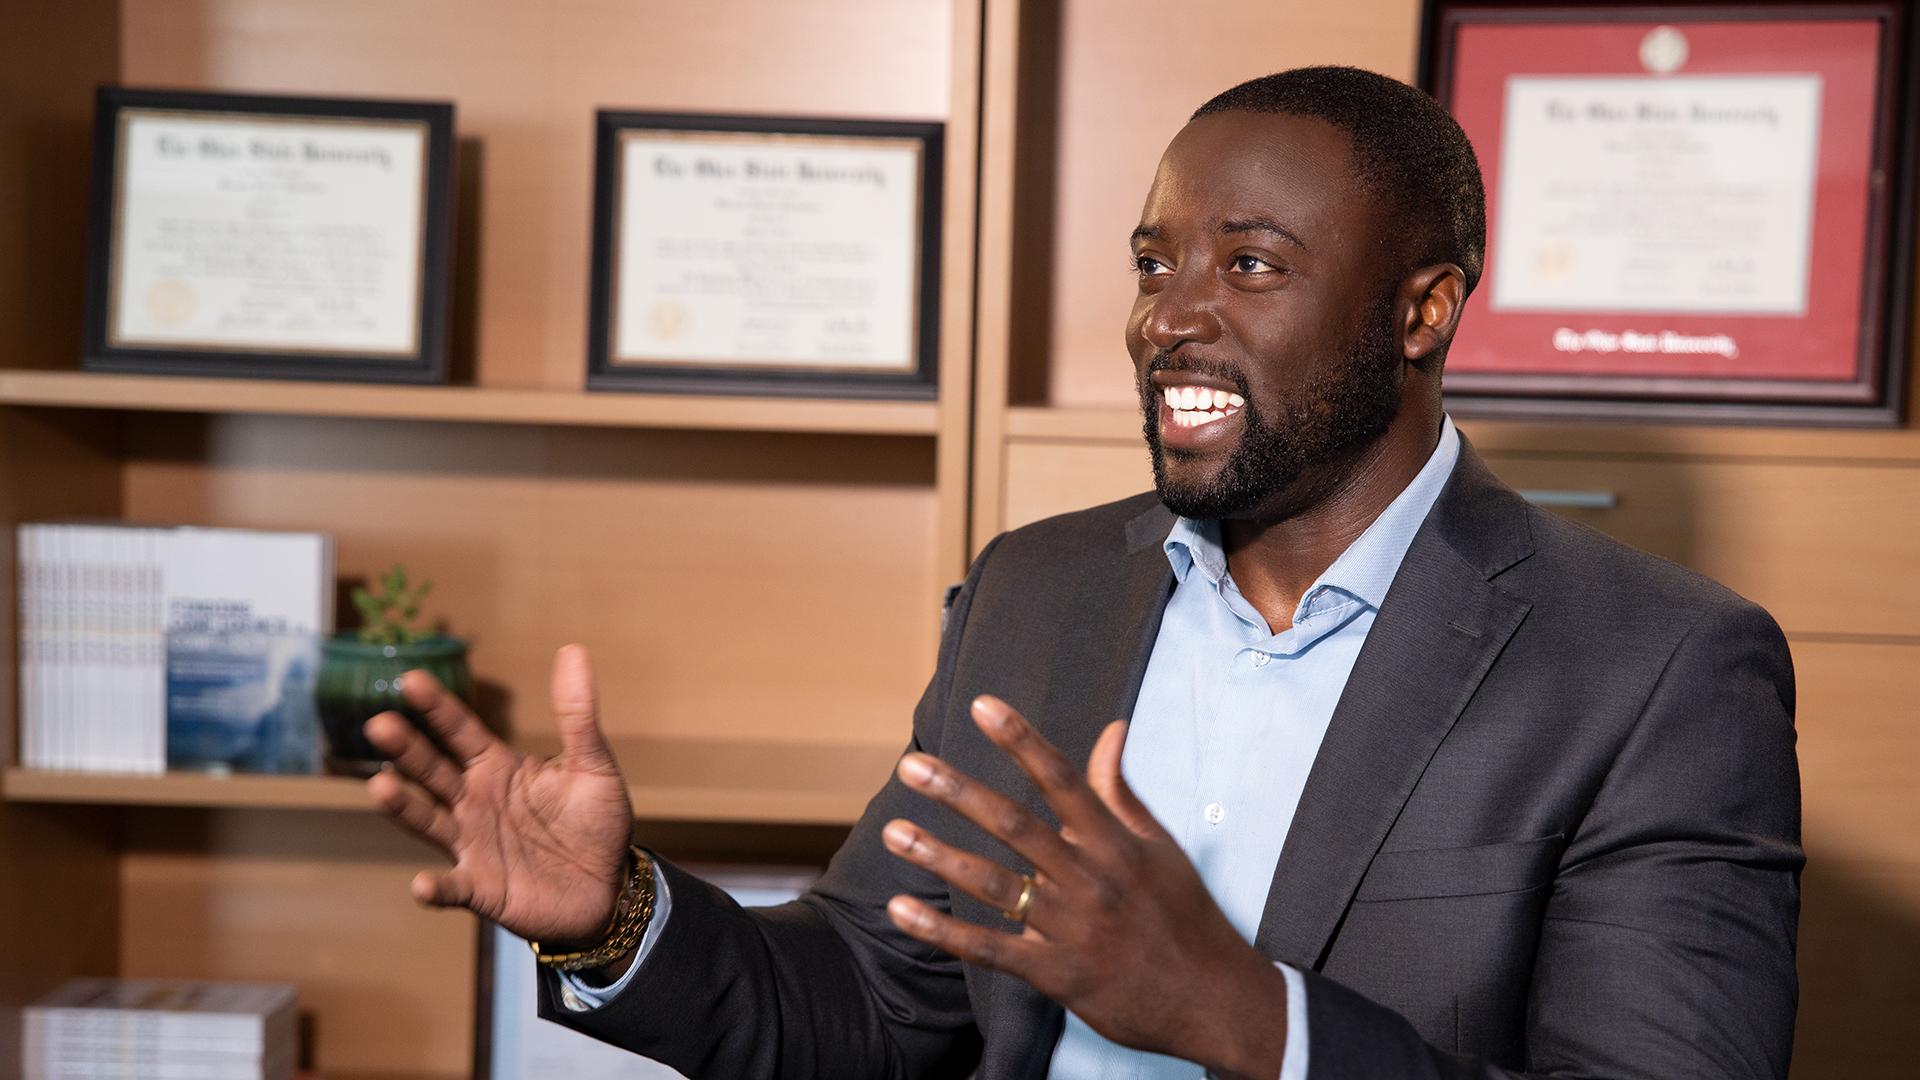 Como Promover Mudanças e Combater o Racismo no Trabalho